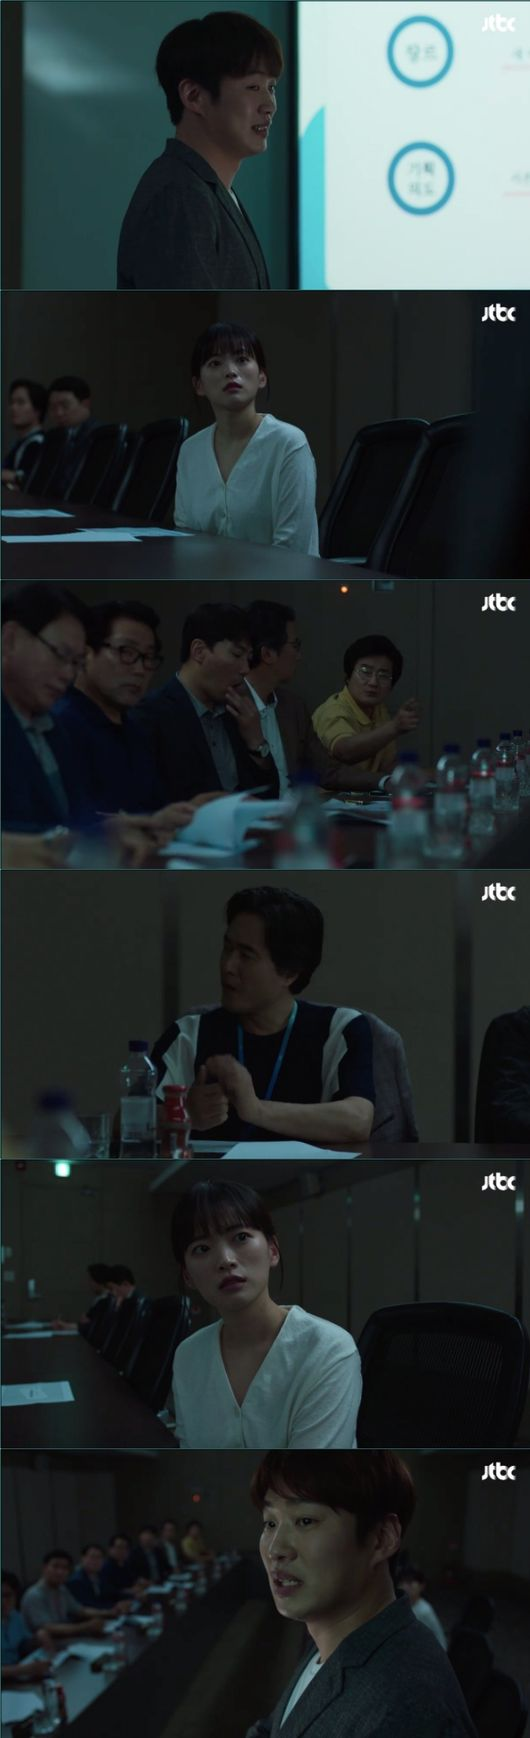 [사진=JTBC 방송화면] '멜로가 체질' 5회 안재홍, 천우희 편성 회의 프레젠테이션 장면.